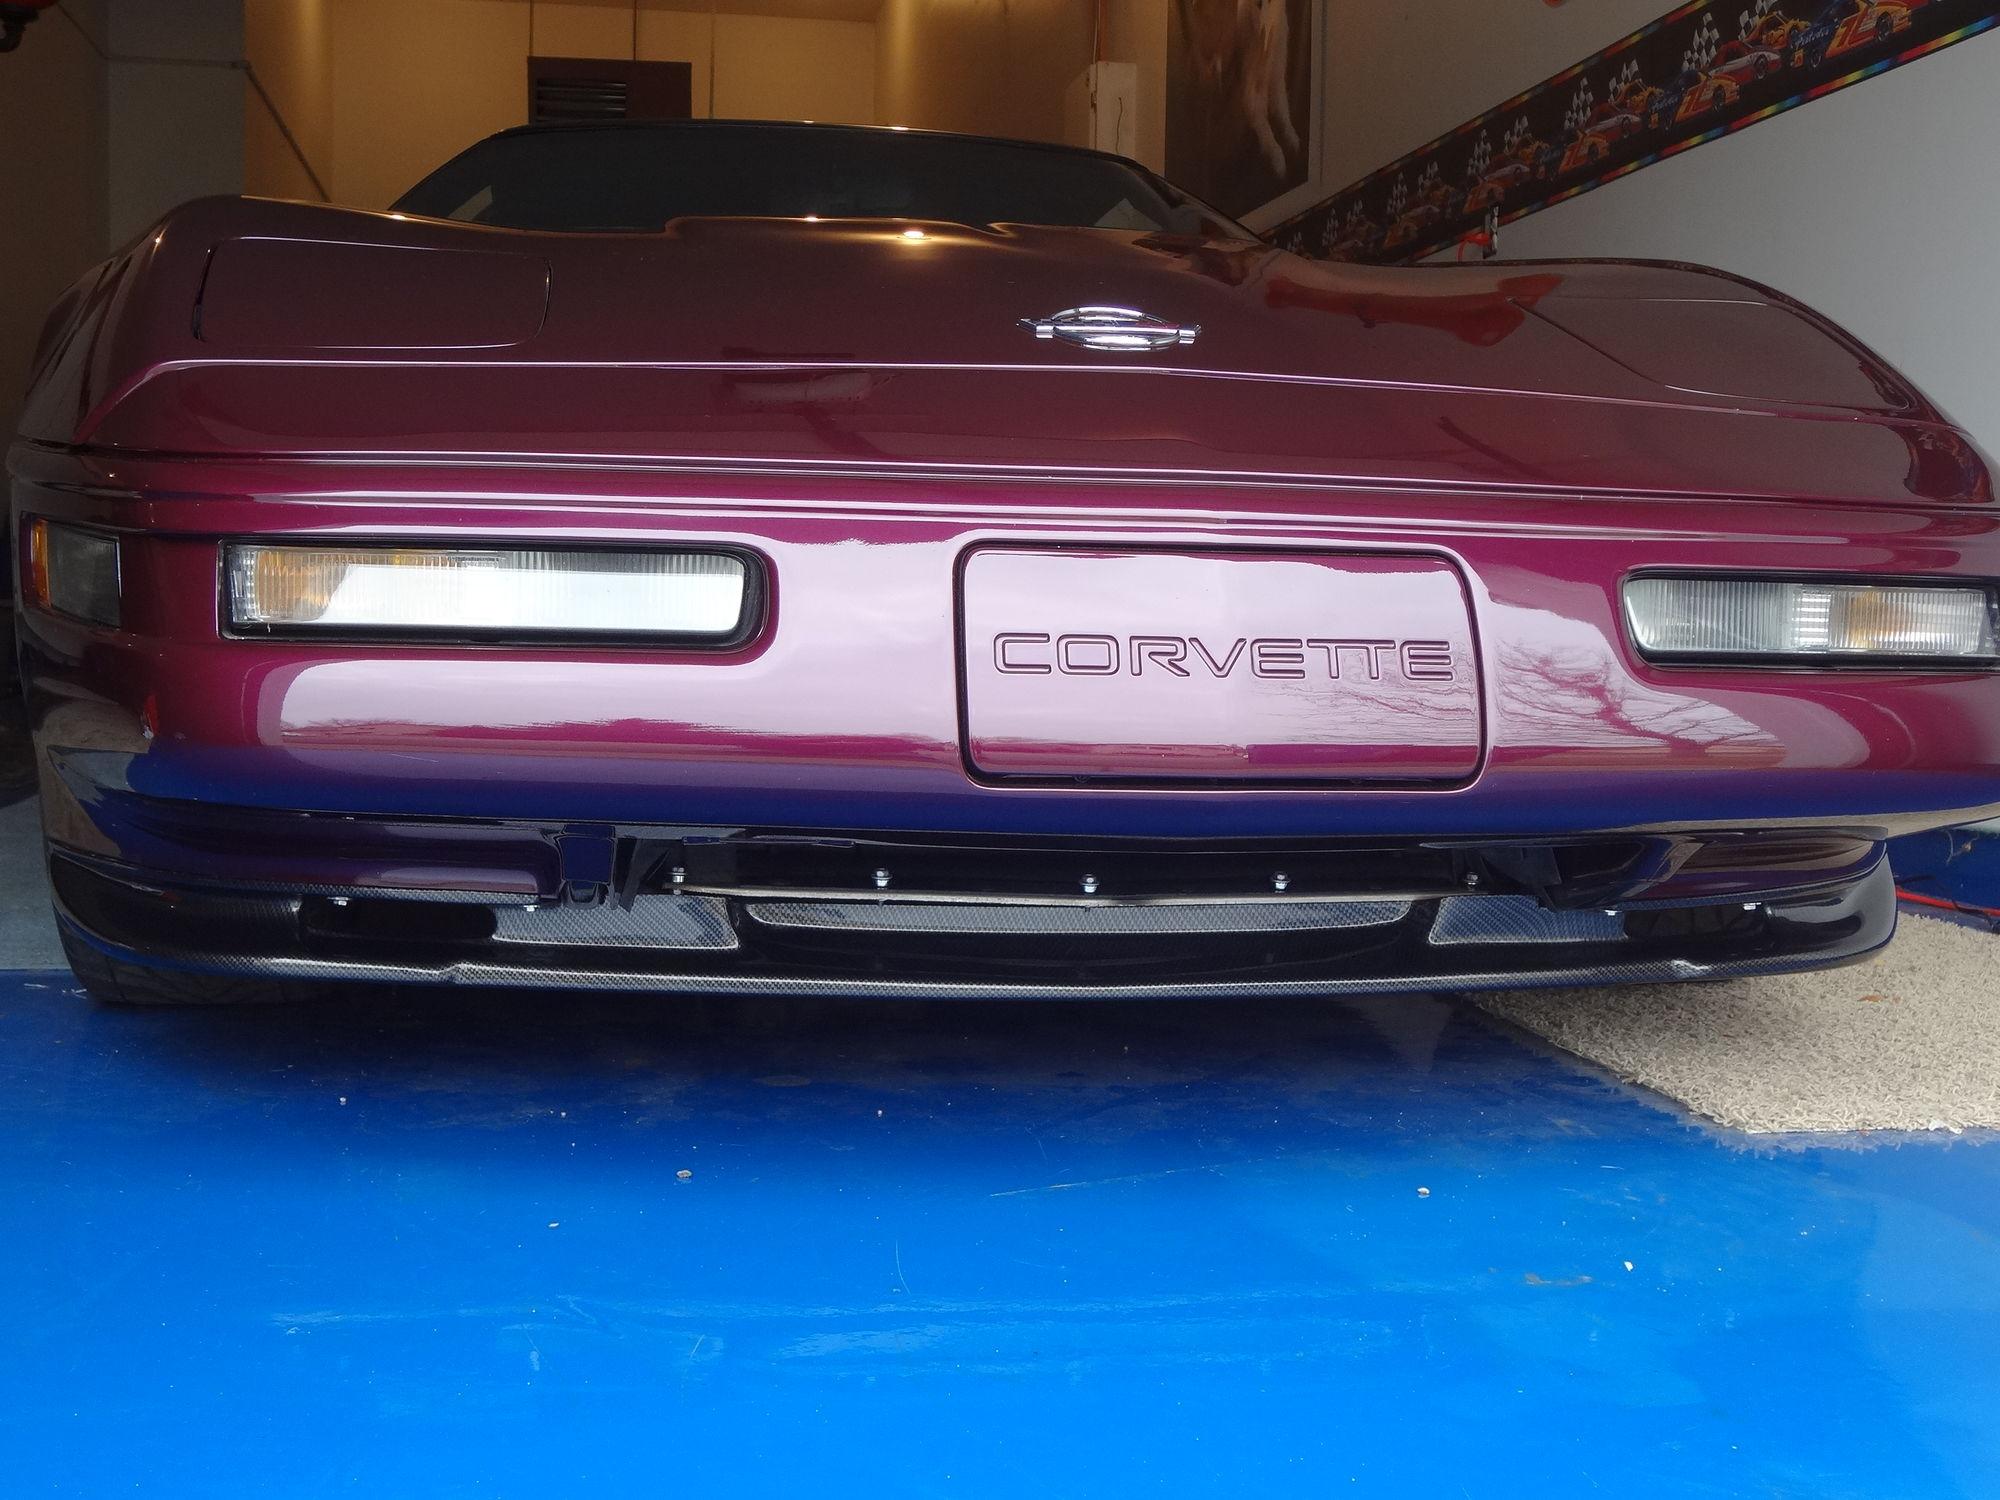 C4 Corvette For Sale >> New Front Splitter Installed Pics! - CorvetteForum ...